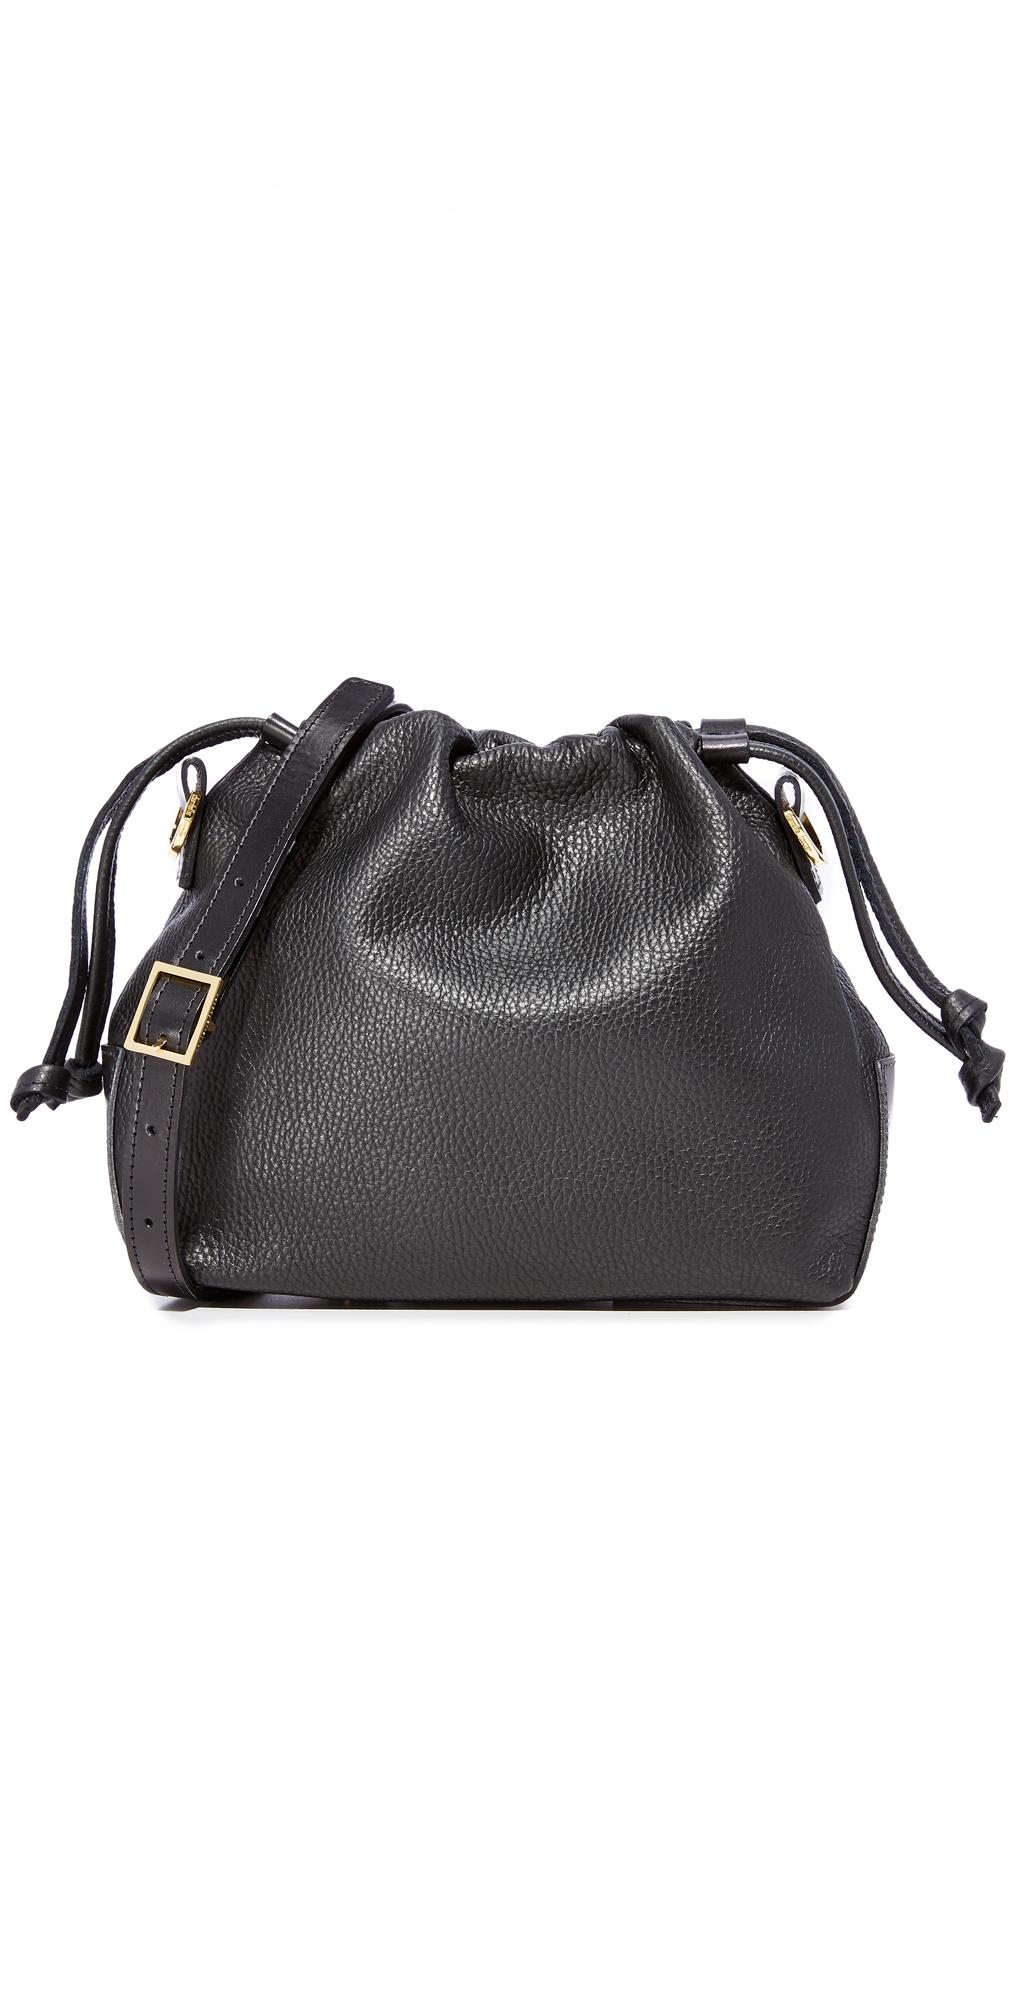 Bella Mini Bag Danielle Foster